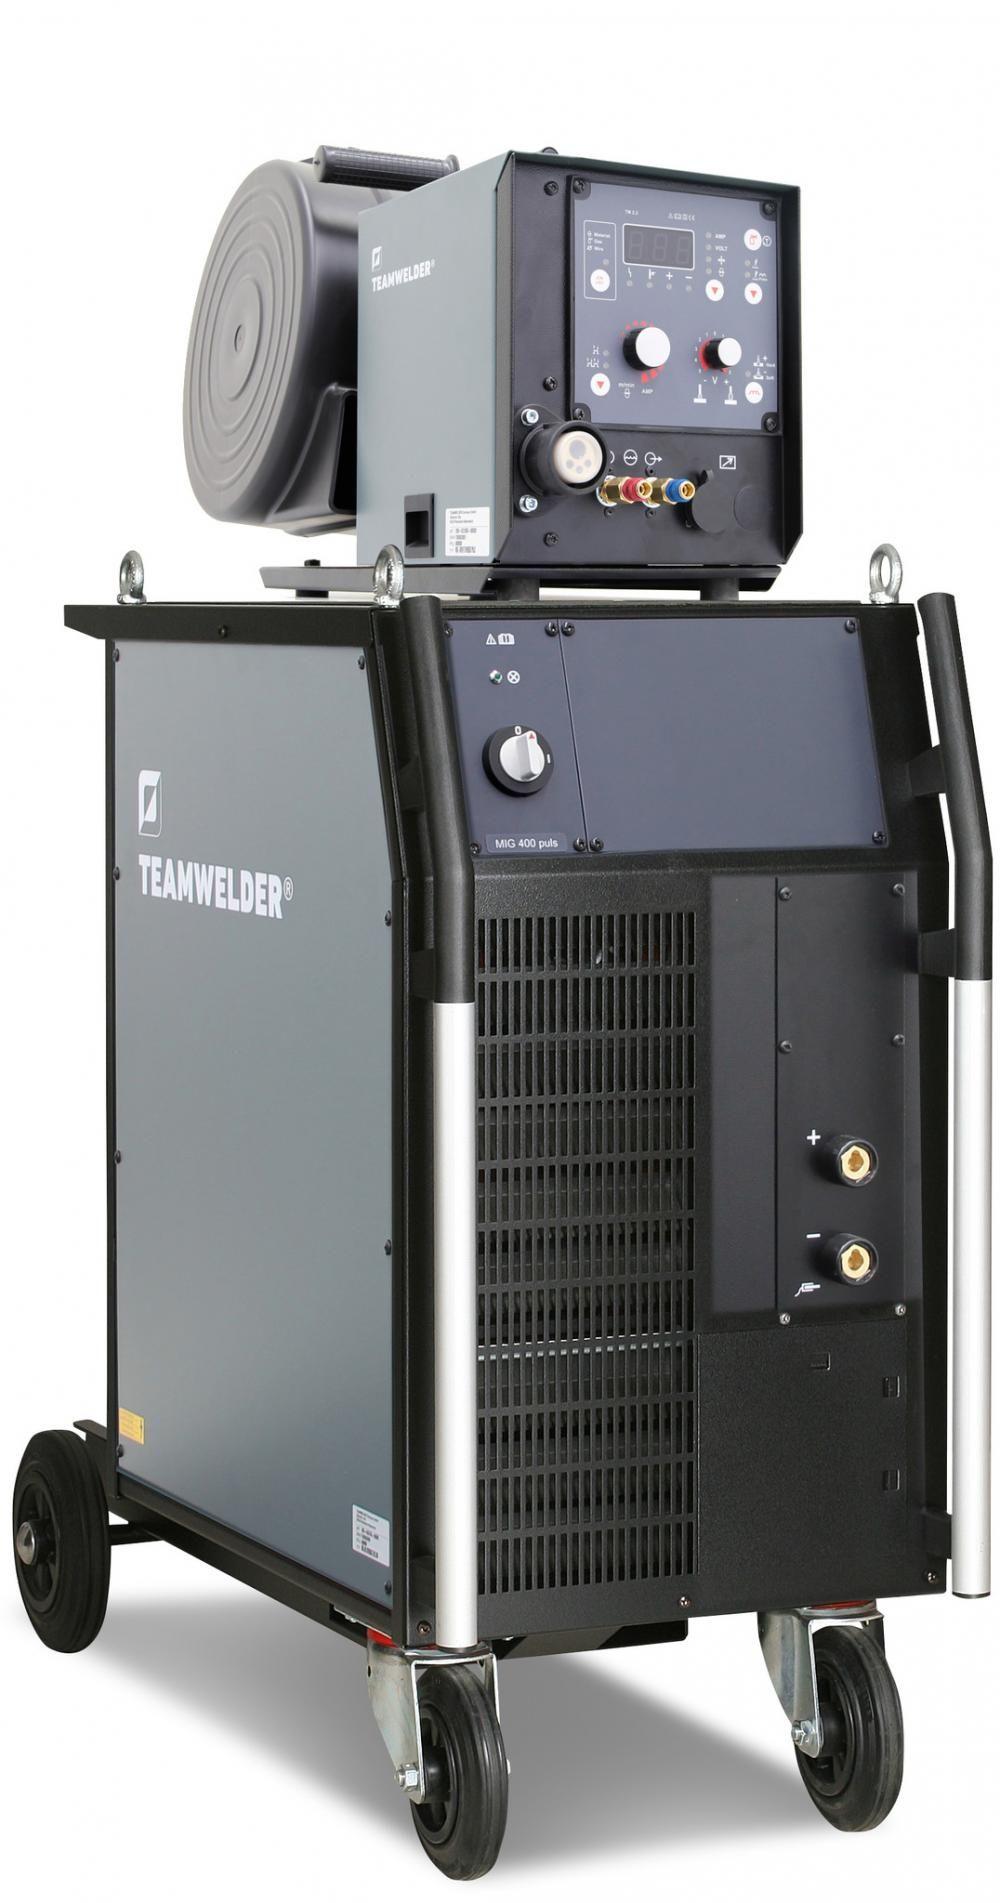 Teamwelder MIG 400 Synergic DW Pulse